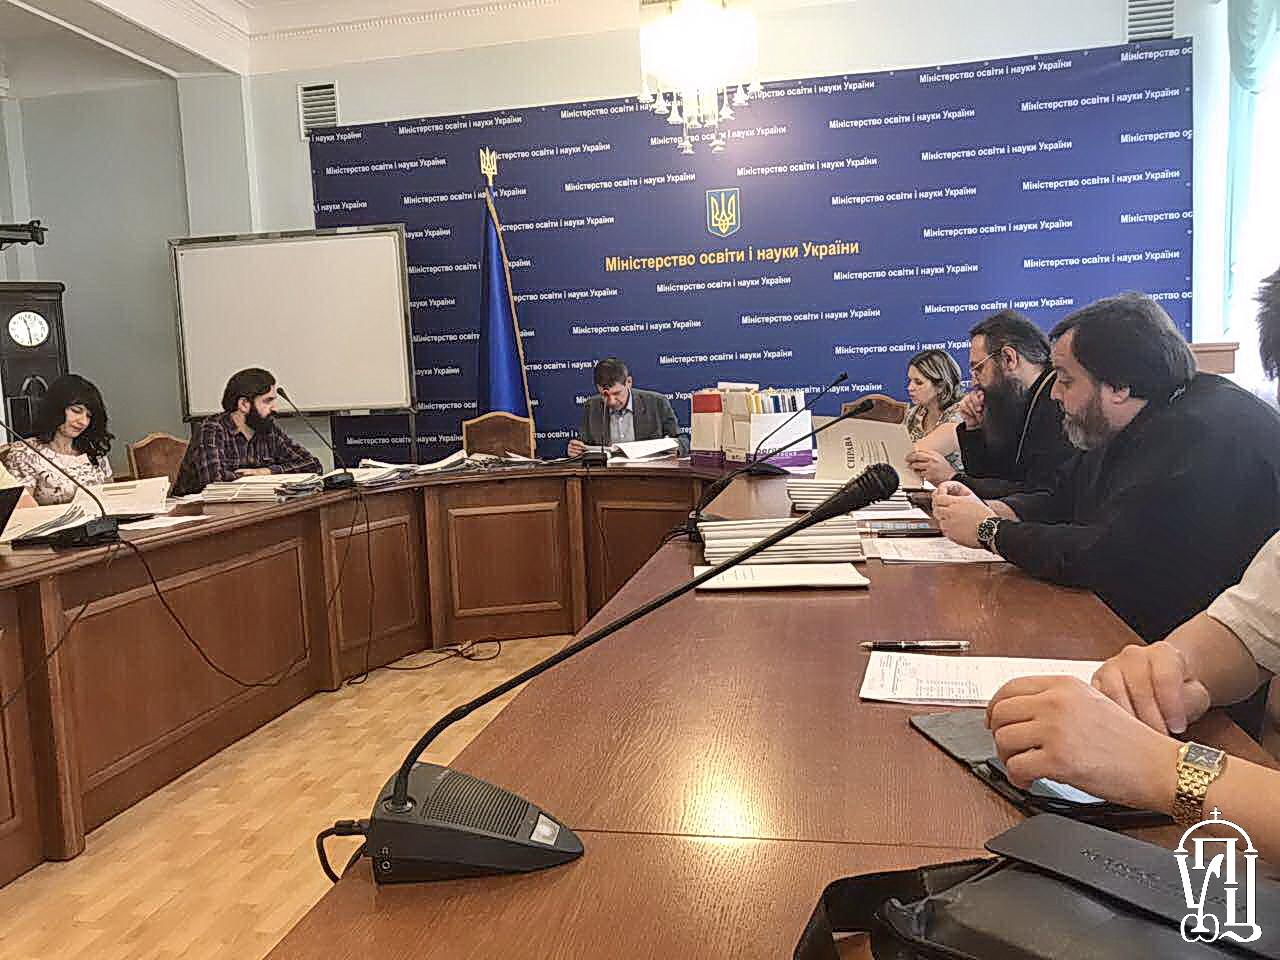 МОН України прийматиме рішення про державне визнання дипломів духовних навчальних закладів по 2014 рік включно